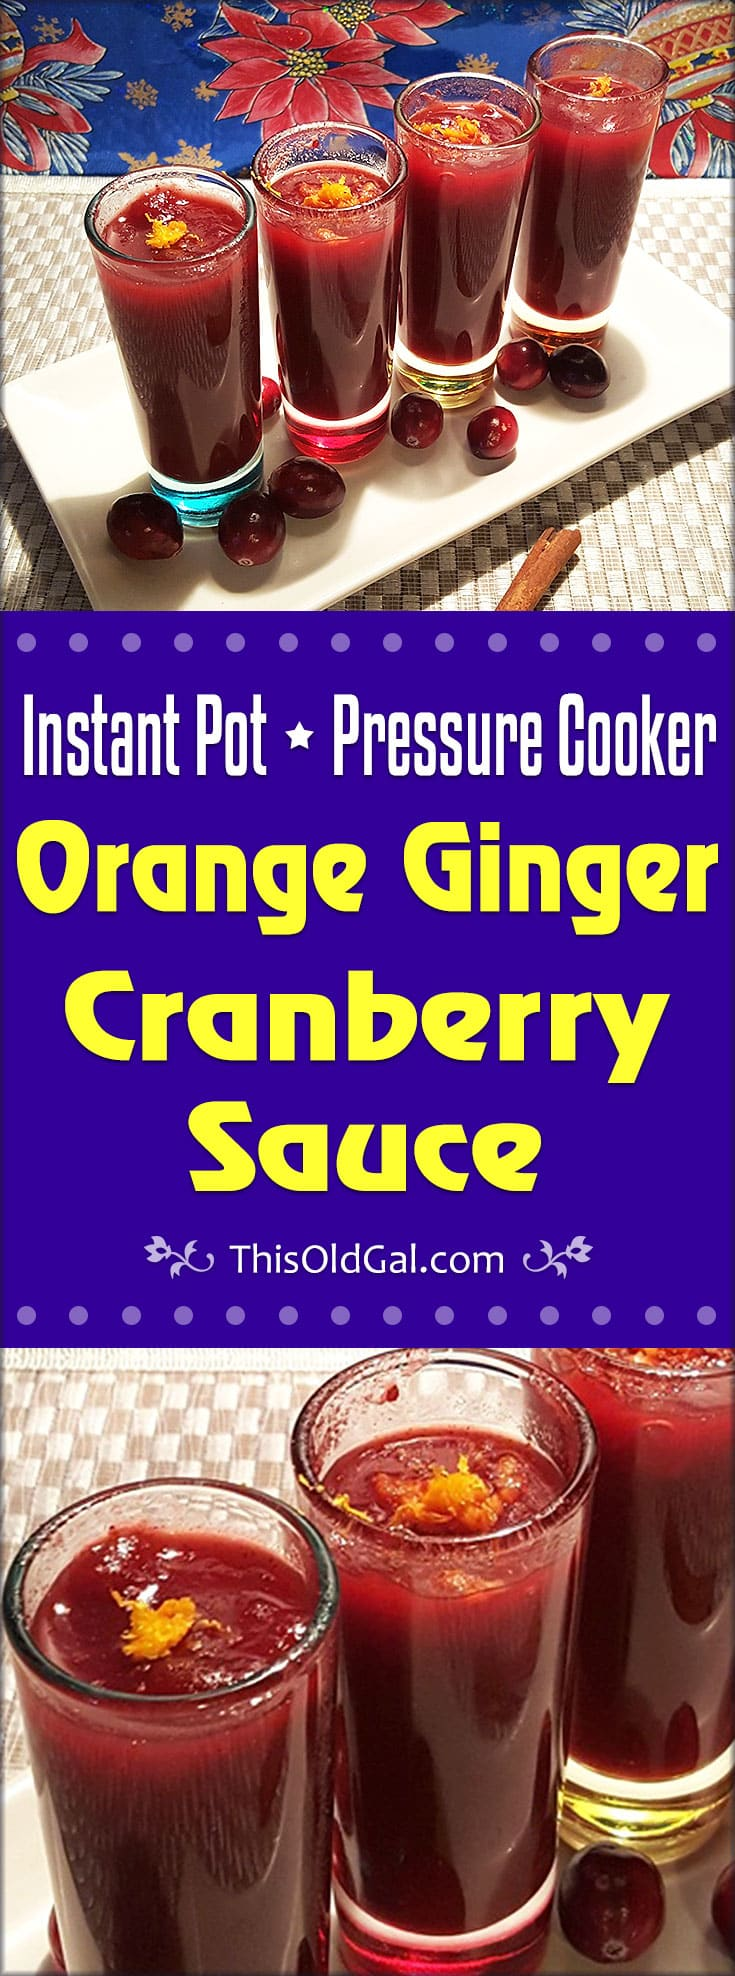 Pressure Cooker Orange Ginger Cranberry Sauce